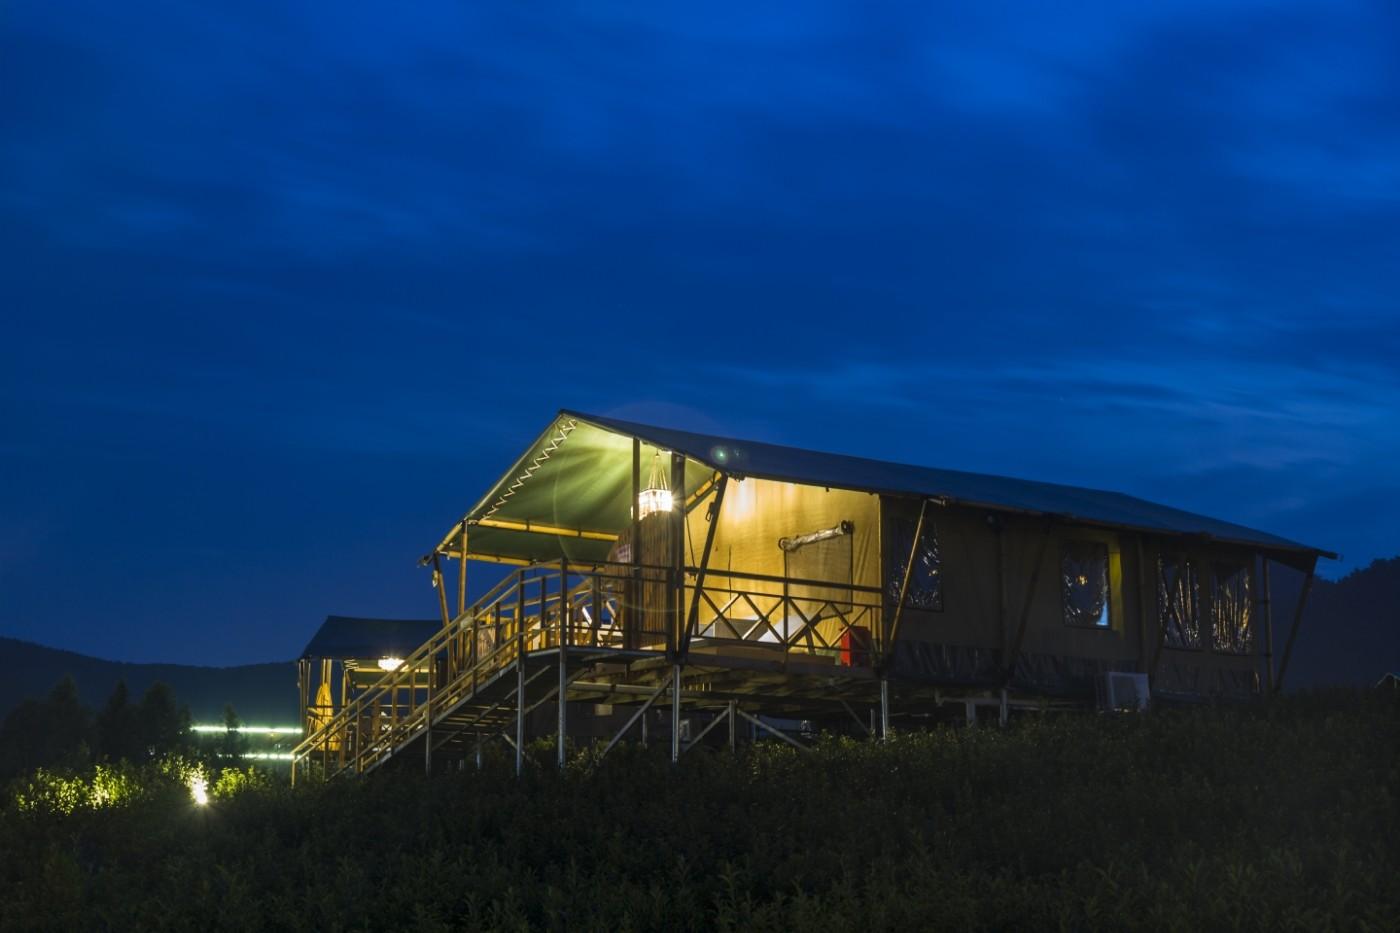 喜马拉雅野奢帐篷酒店—宝盛园夜色1